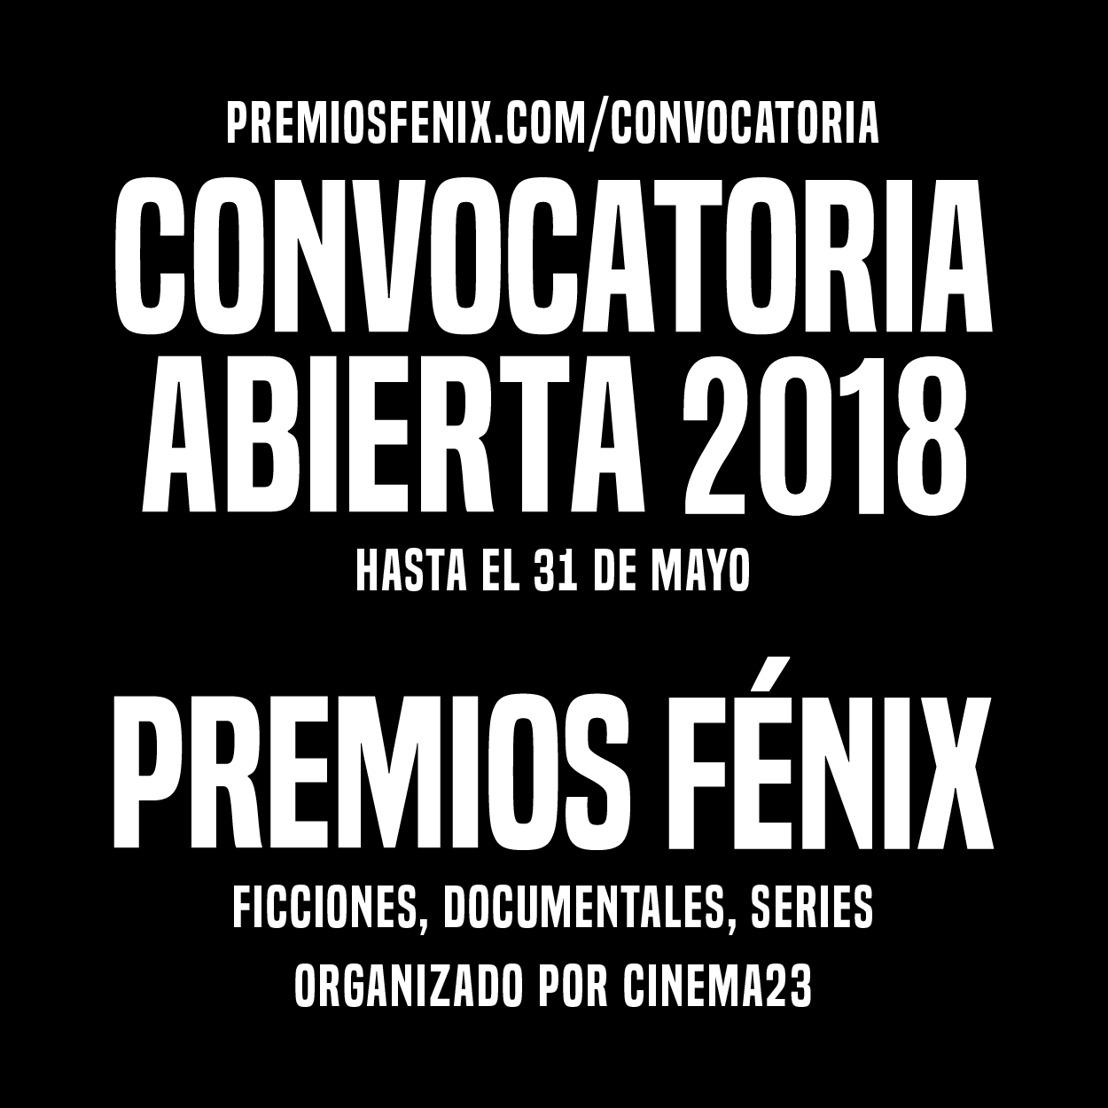 CINEMA23 anuncia la convocatoria para la quinta edición de los Premios Fénix